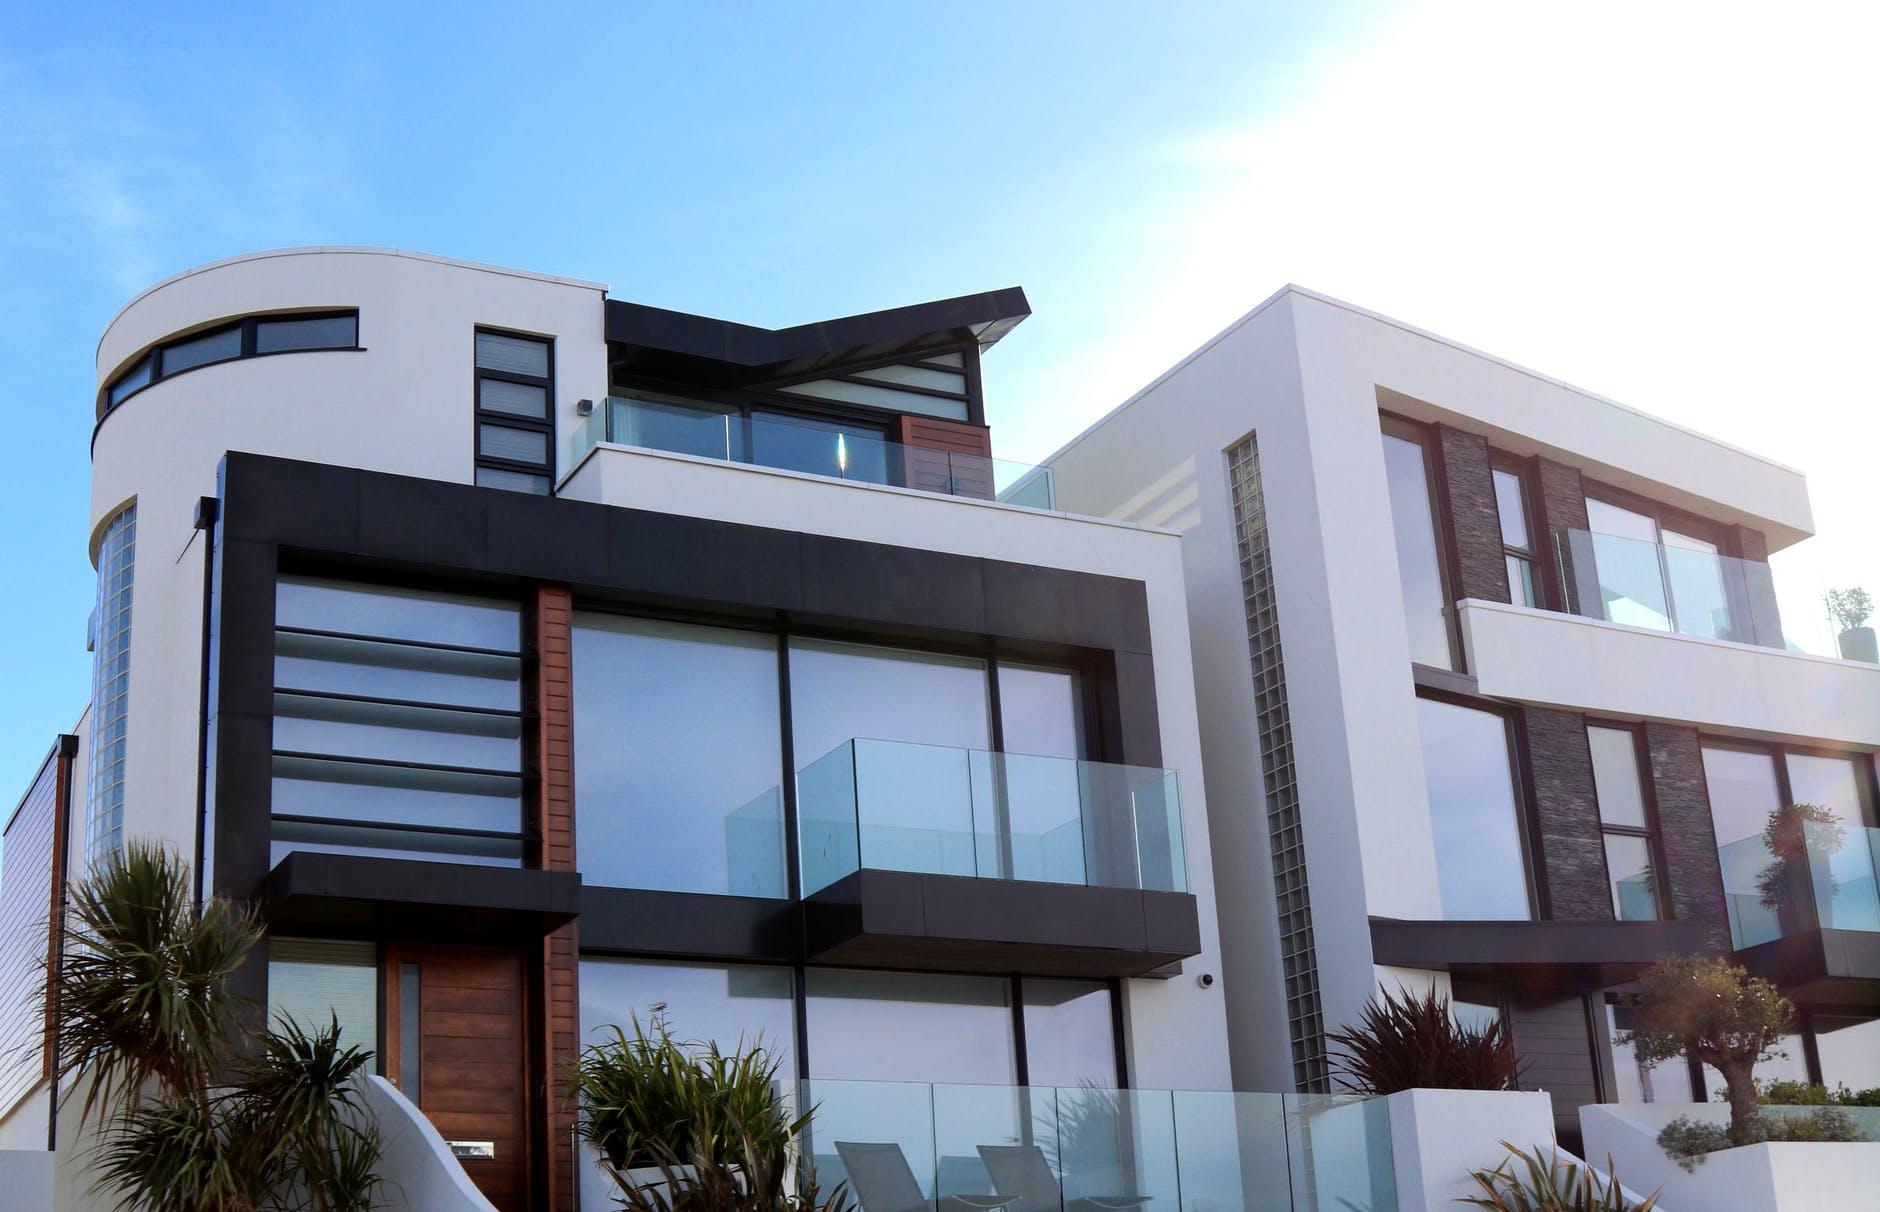 budova, dom, sklenené zábradli